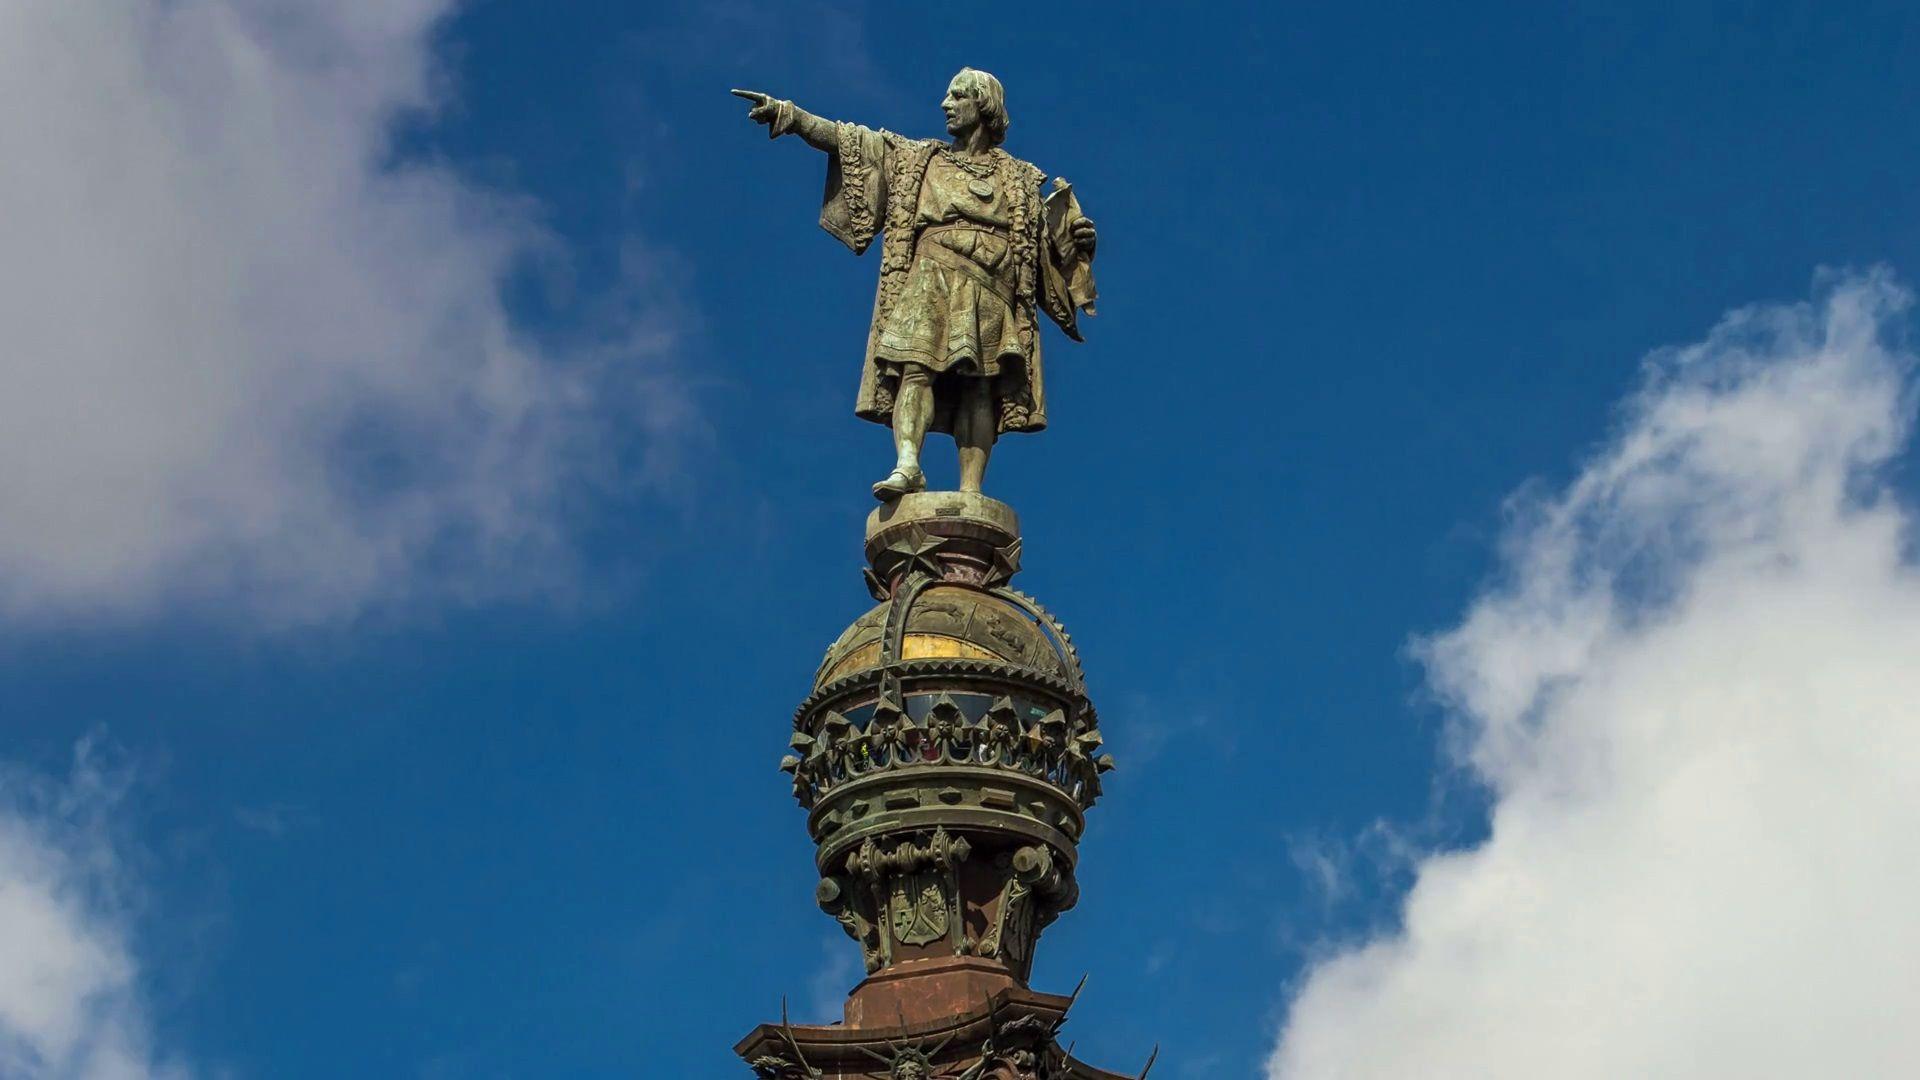 Monumento a Cristobal Colón (mirador en Barcelona)